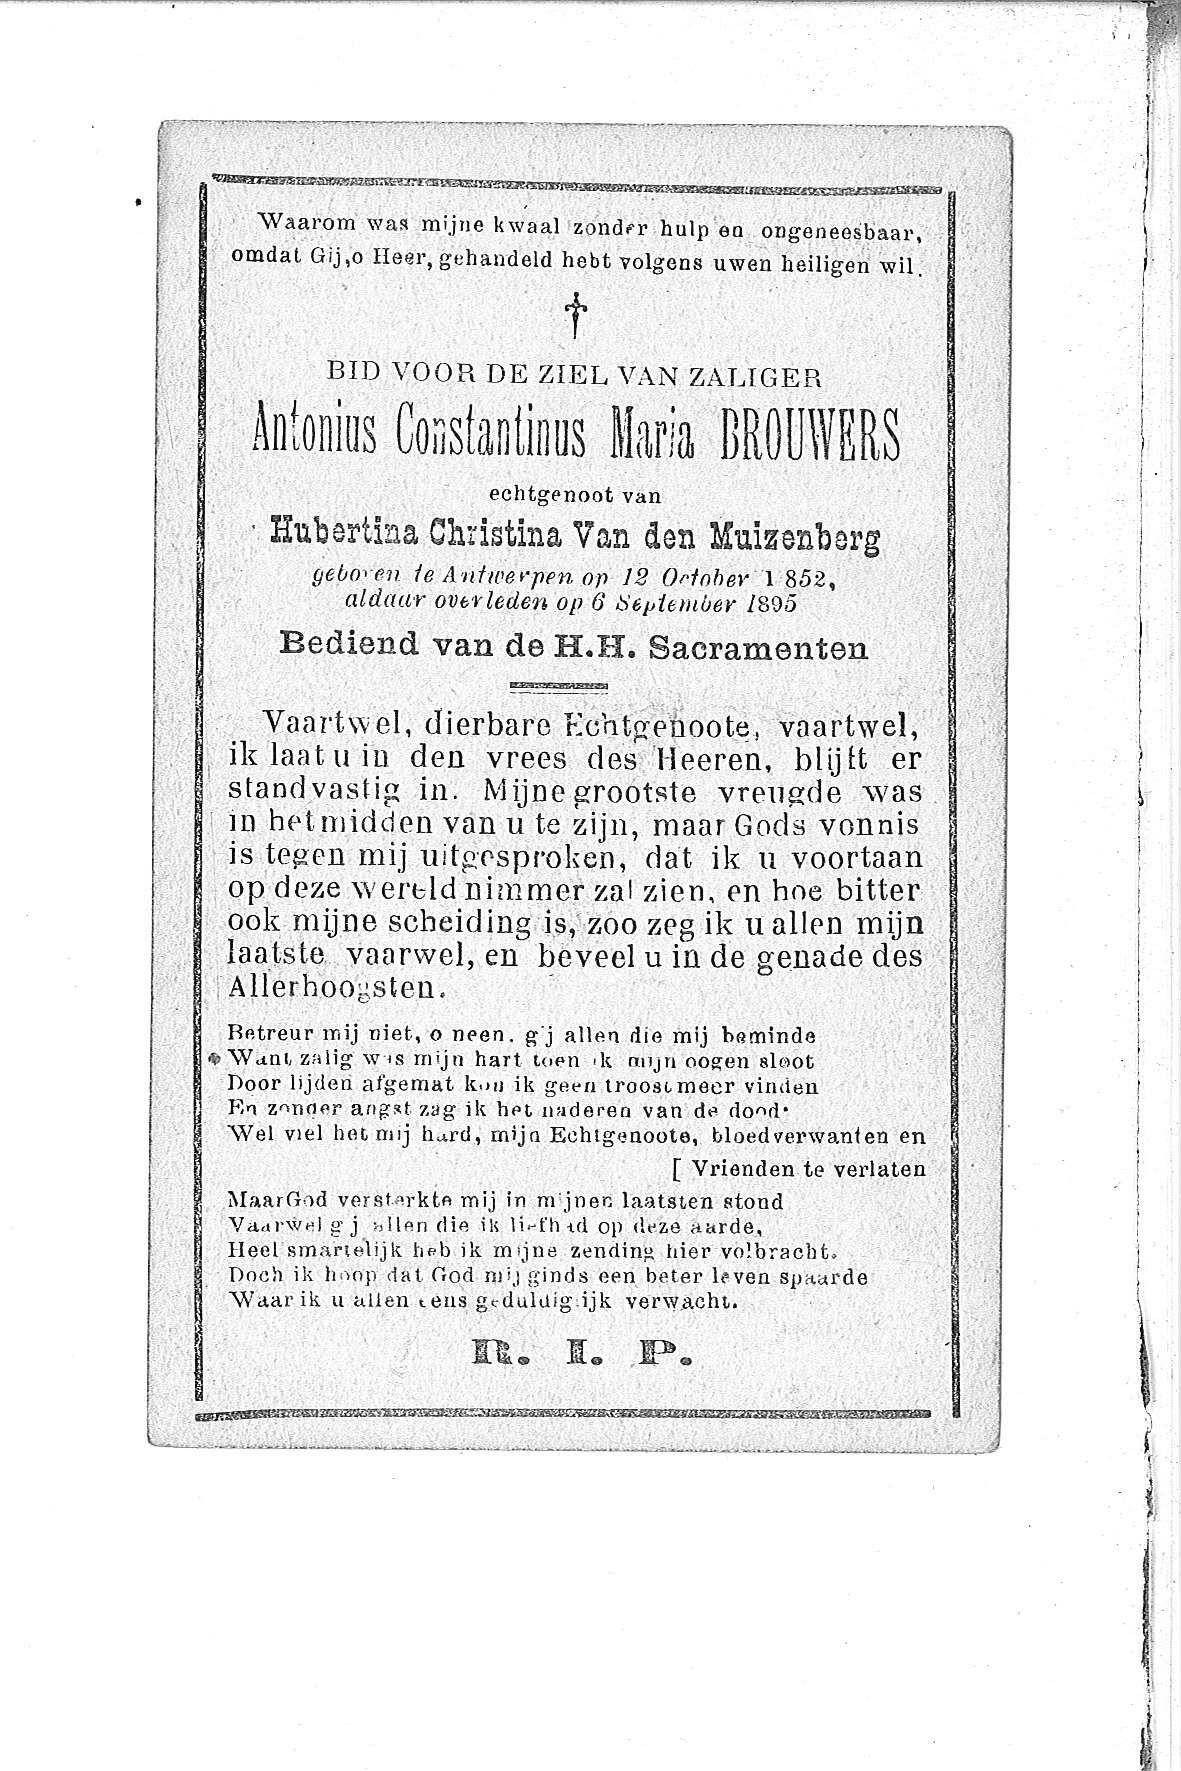 Antonius Constantinus Maria (1895) 20110805165022_00035.jpg